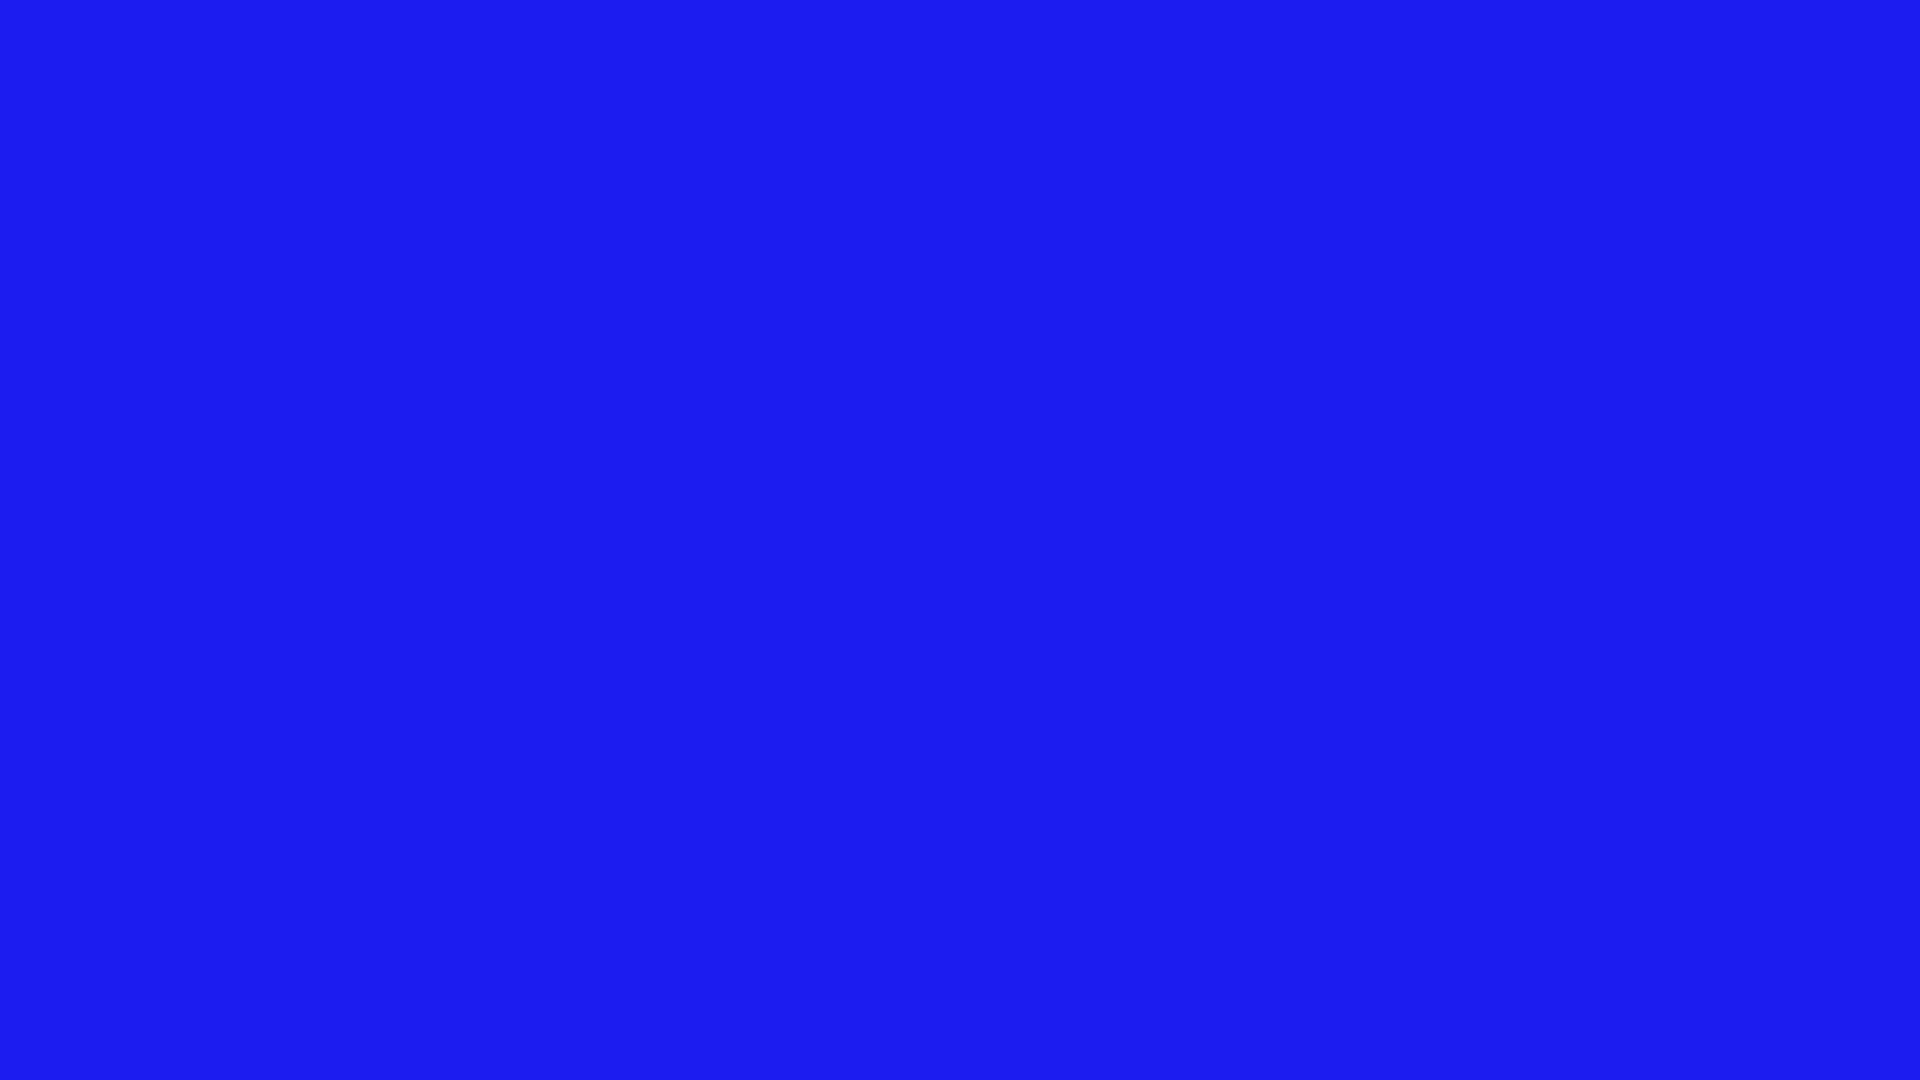 1920x1080 Bluebonnet Solid Color Background